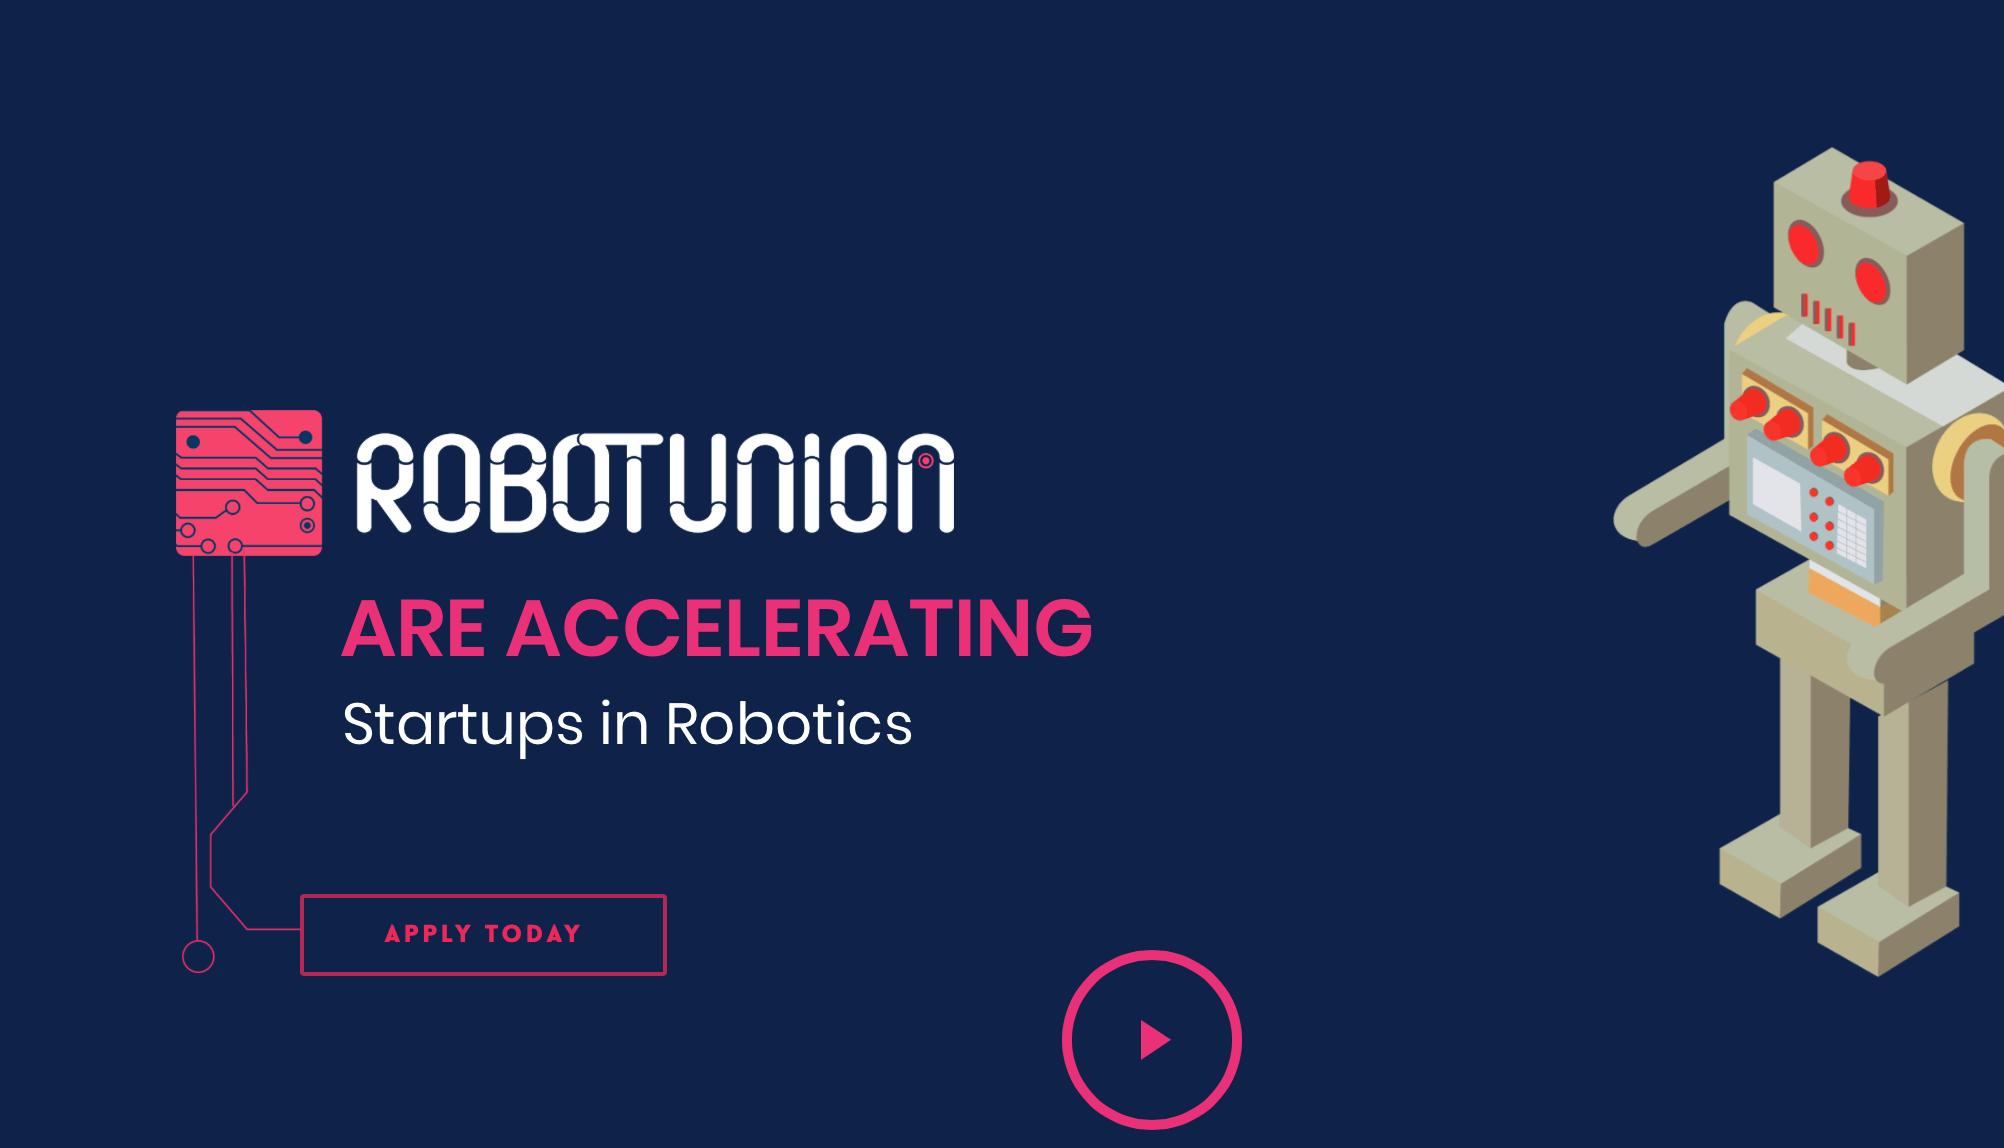 RobotUnion cerca 20 startup nella robotica da finanziare fino a €223K